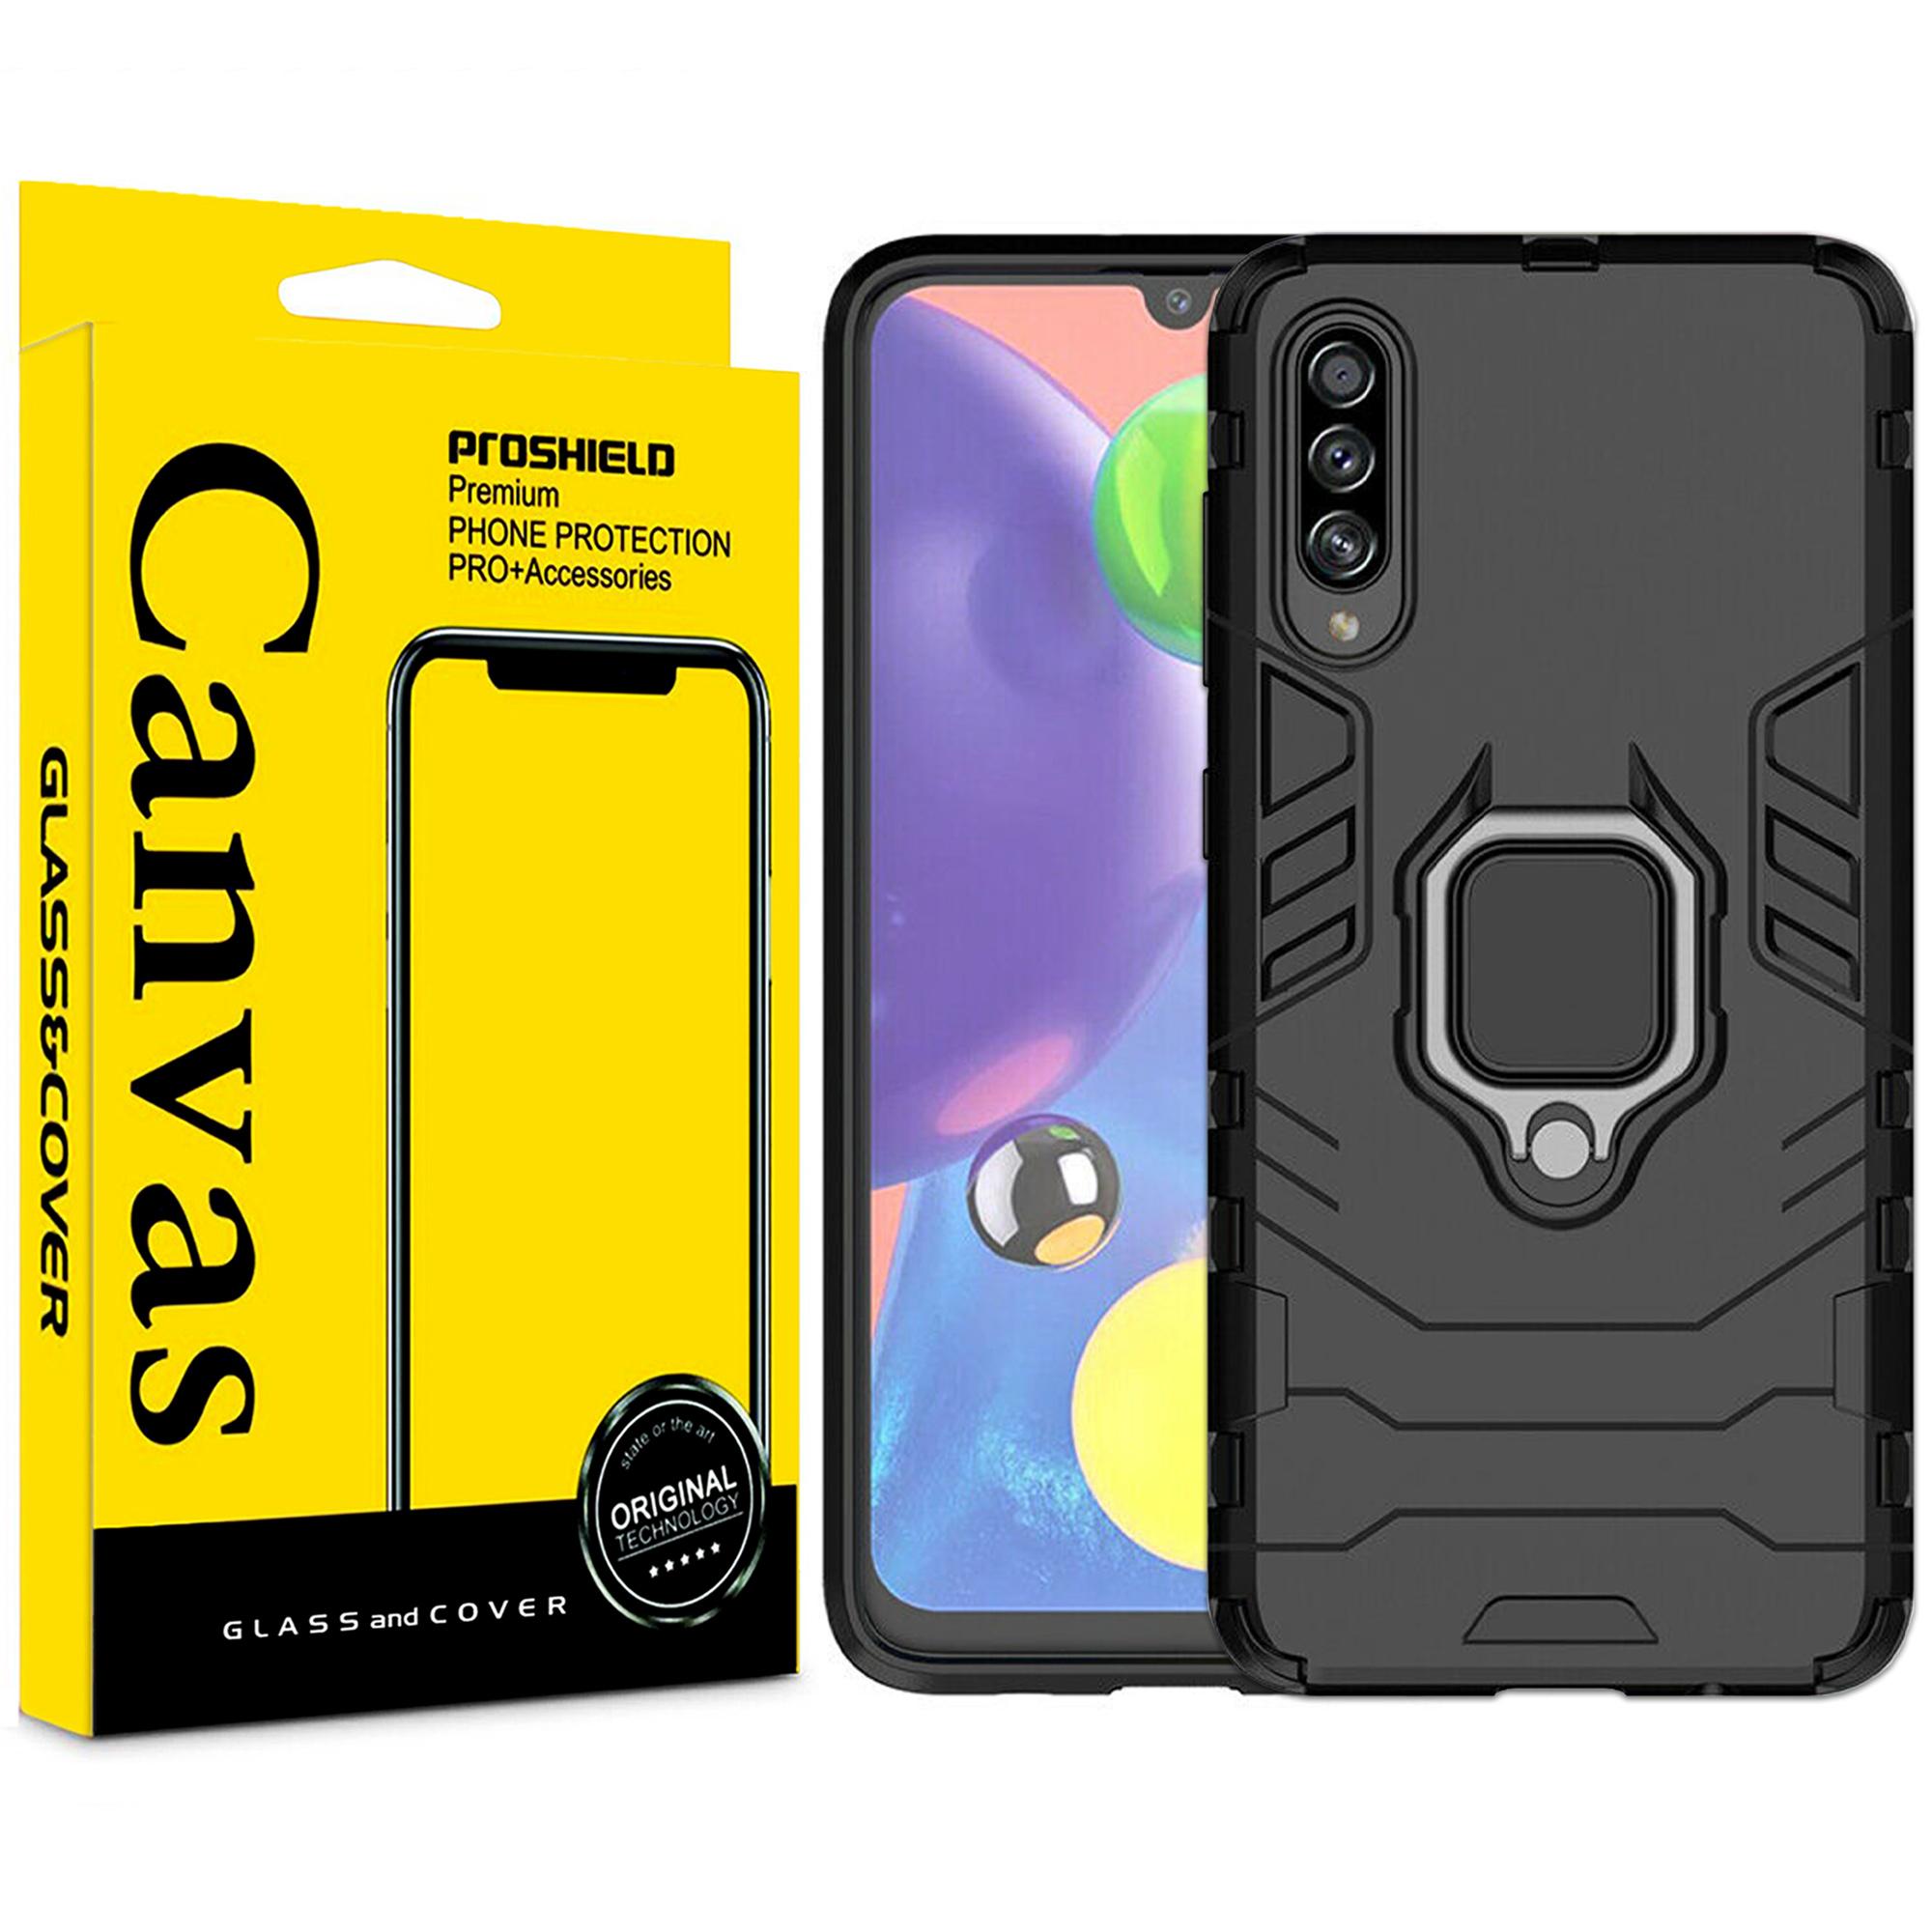 کاور کانواس مدل RHINO SERIES مناسب برای گوشی موبایل سامسونگ Galaxy A50s/A30s/A50 thumb